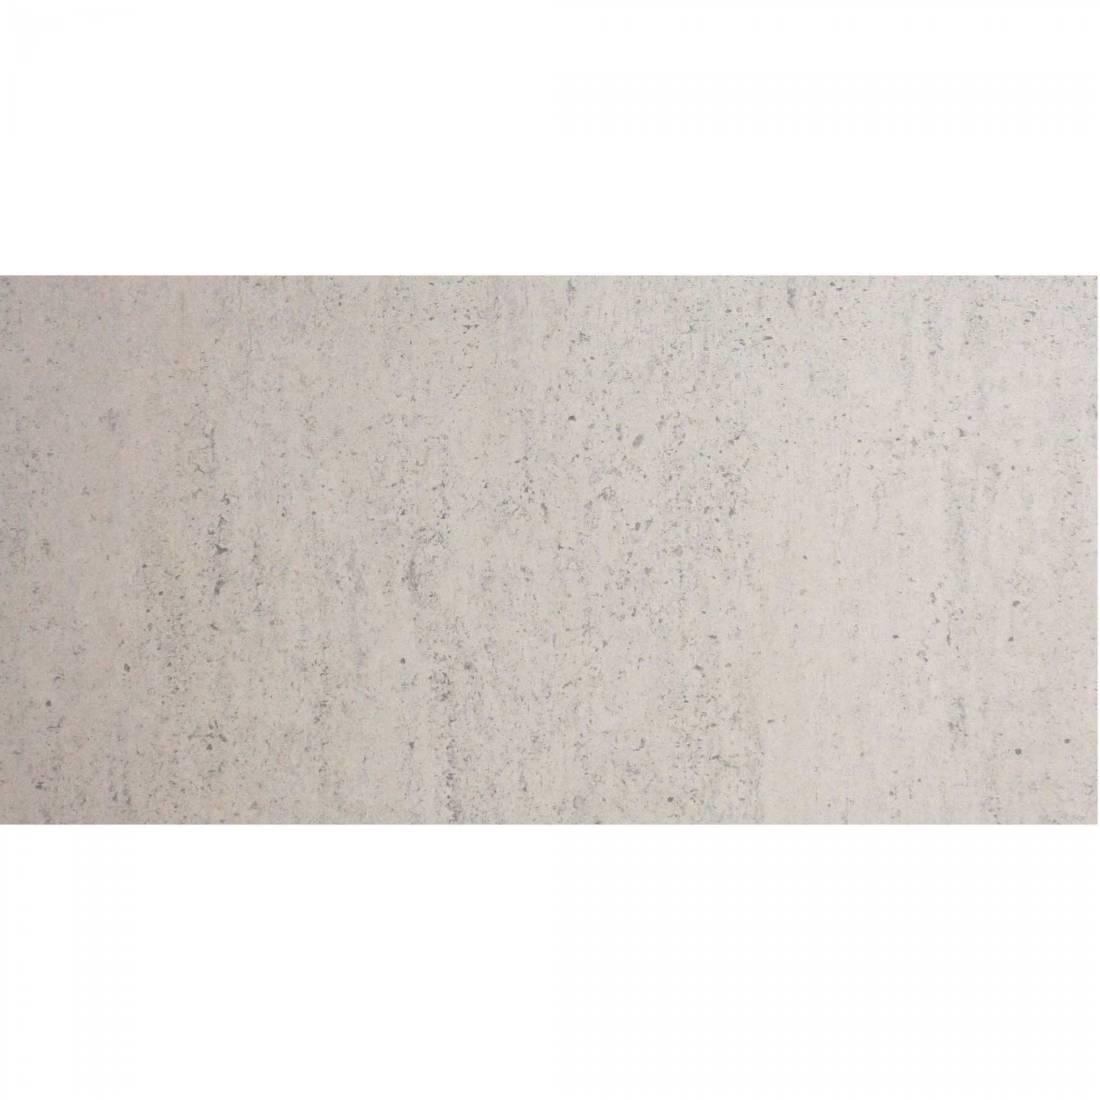 Cement No7 30x60 Ivory Matt 1